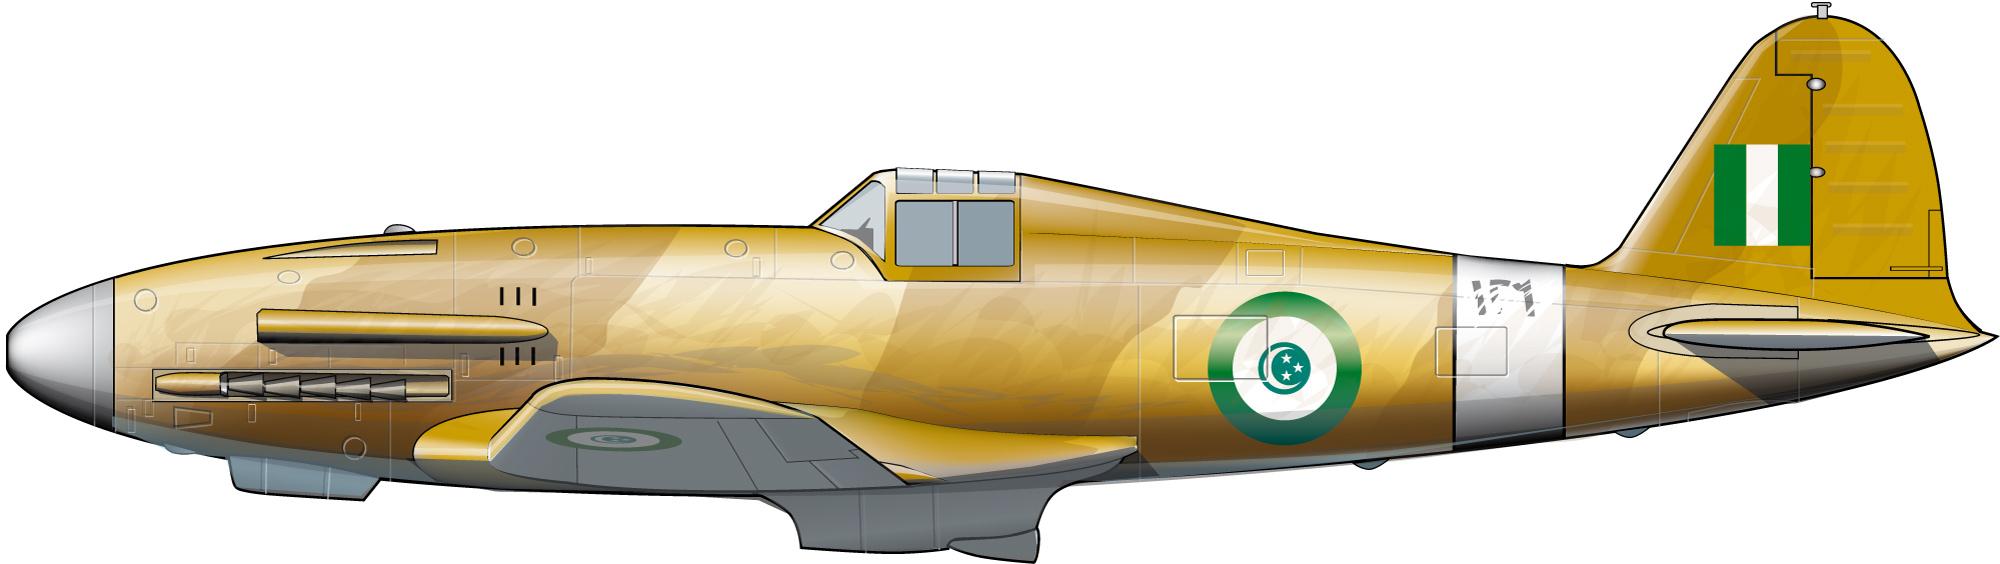 fiatg55egipto1948